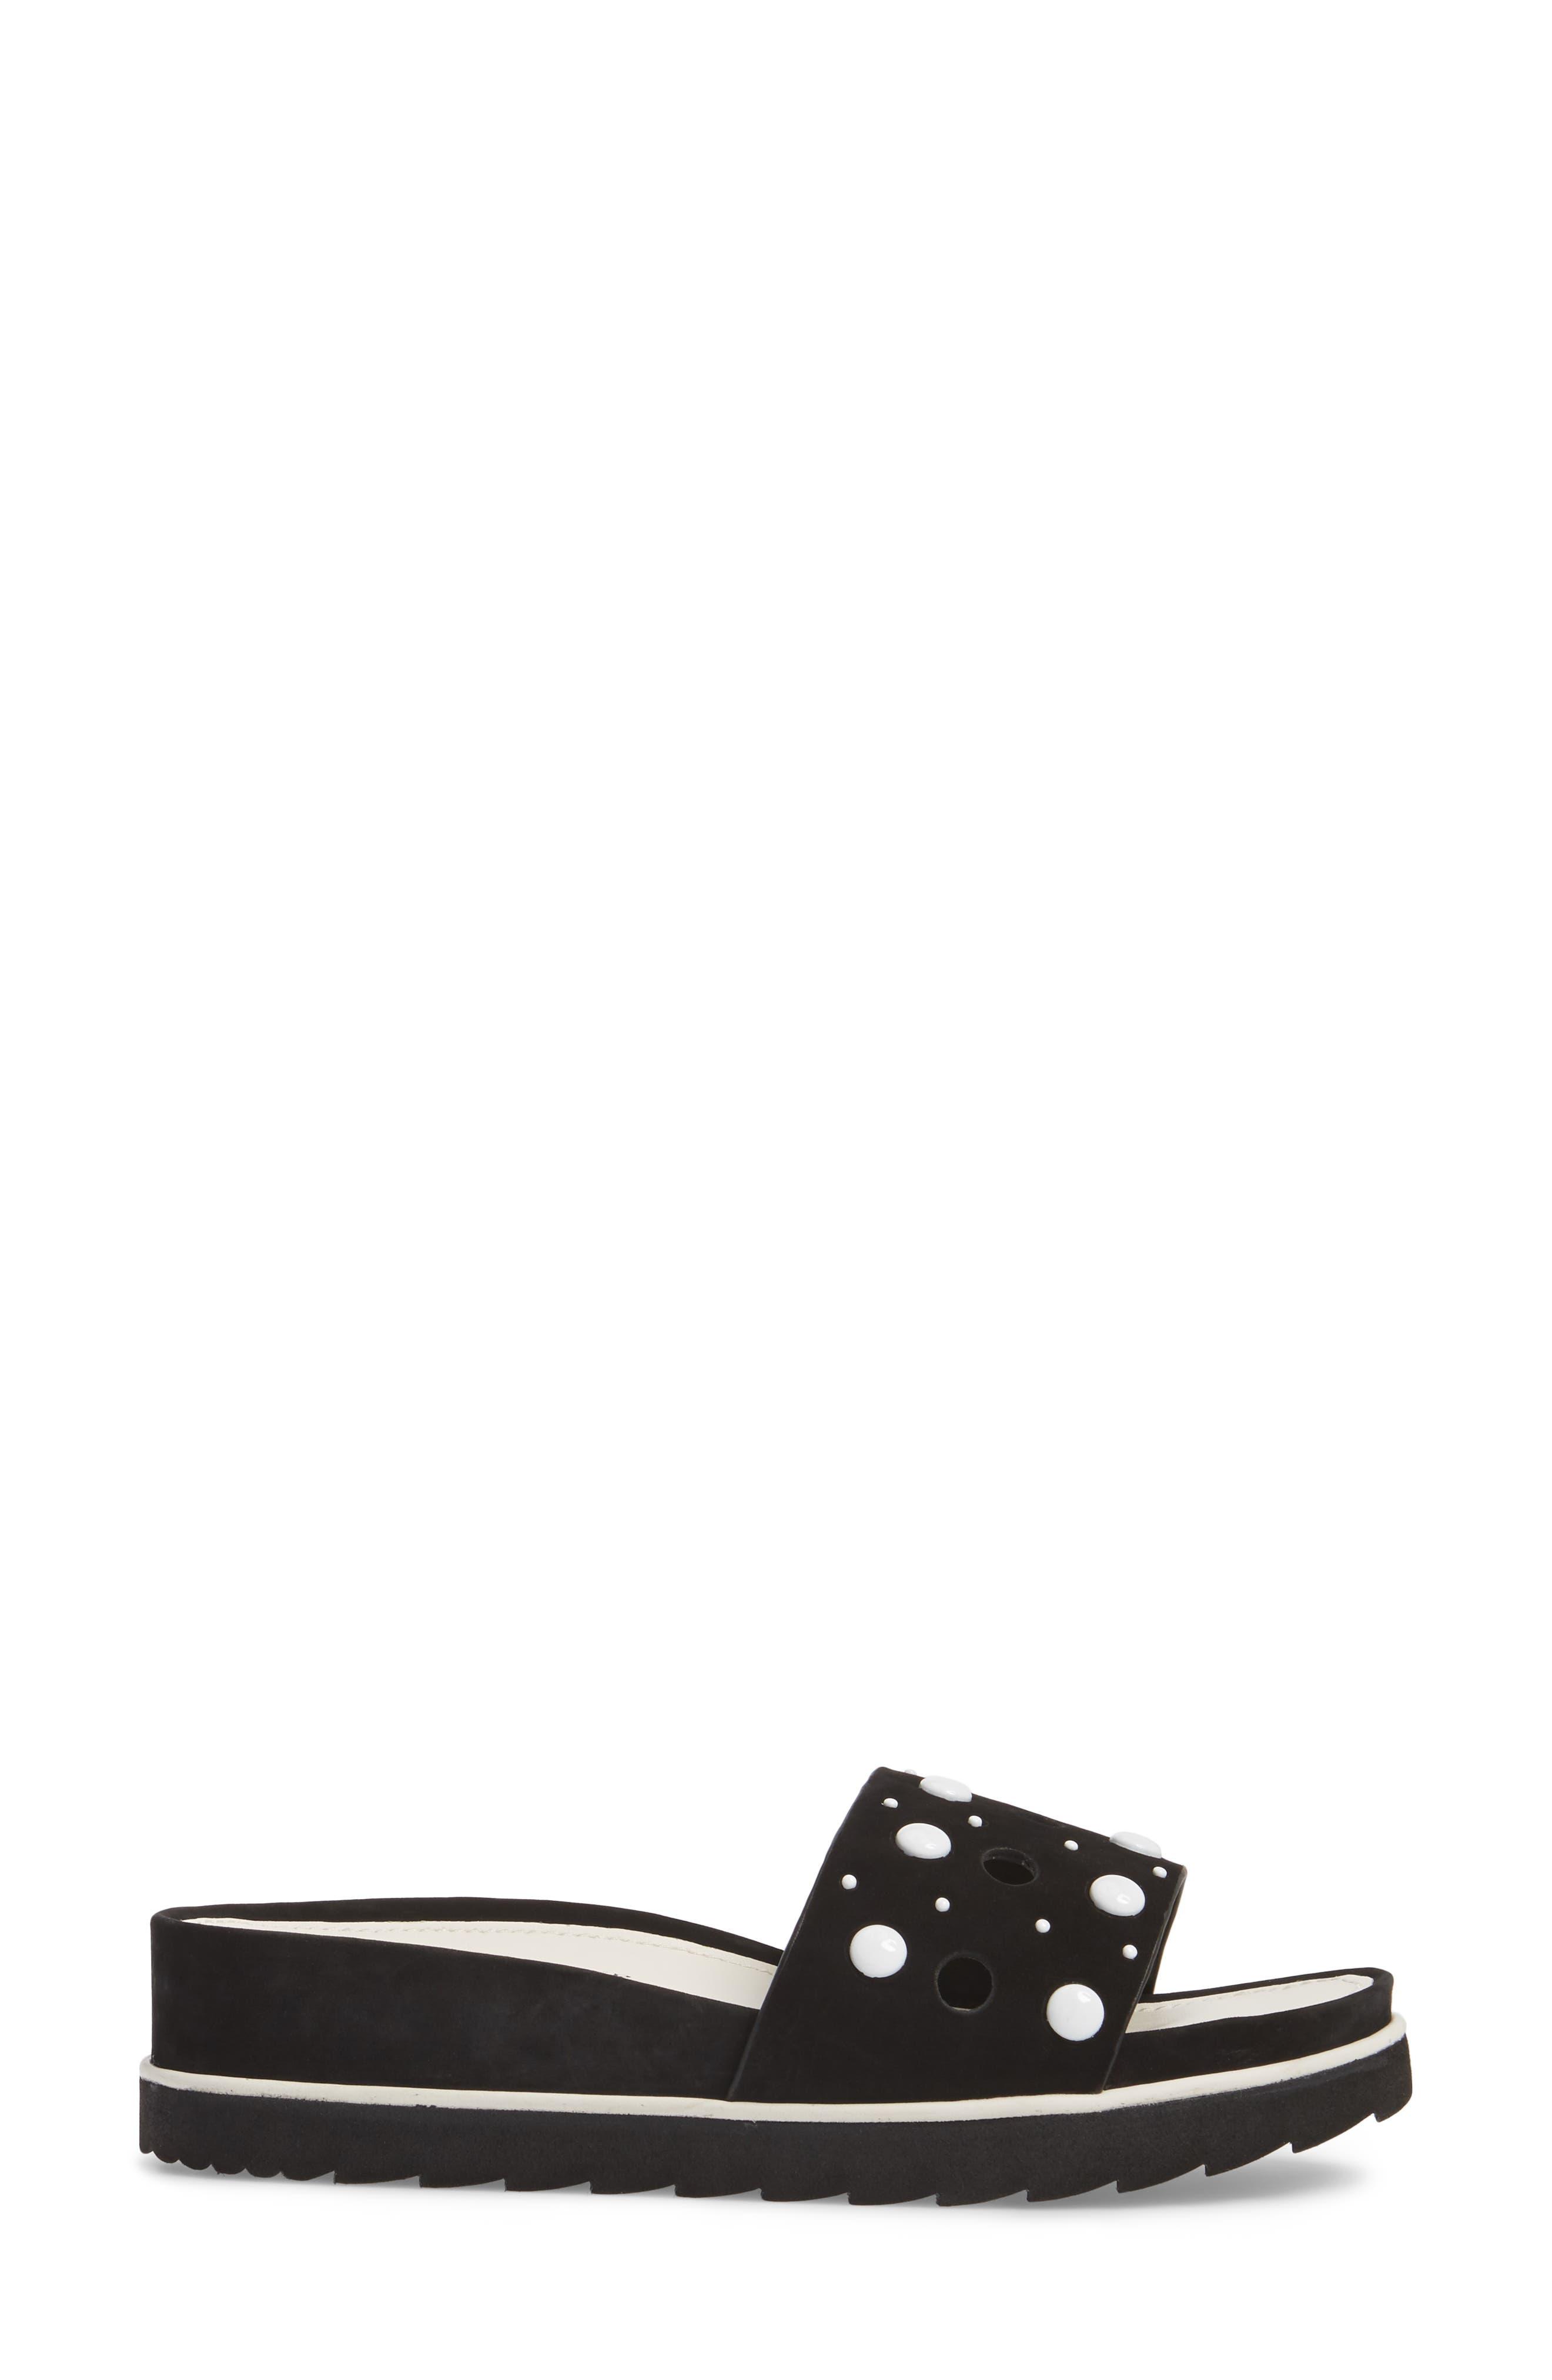 Alternate Image 3  - Donald J Pliner 'Cava' Slide Sandal (Women)